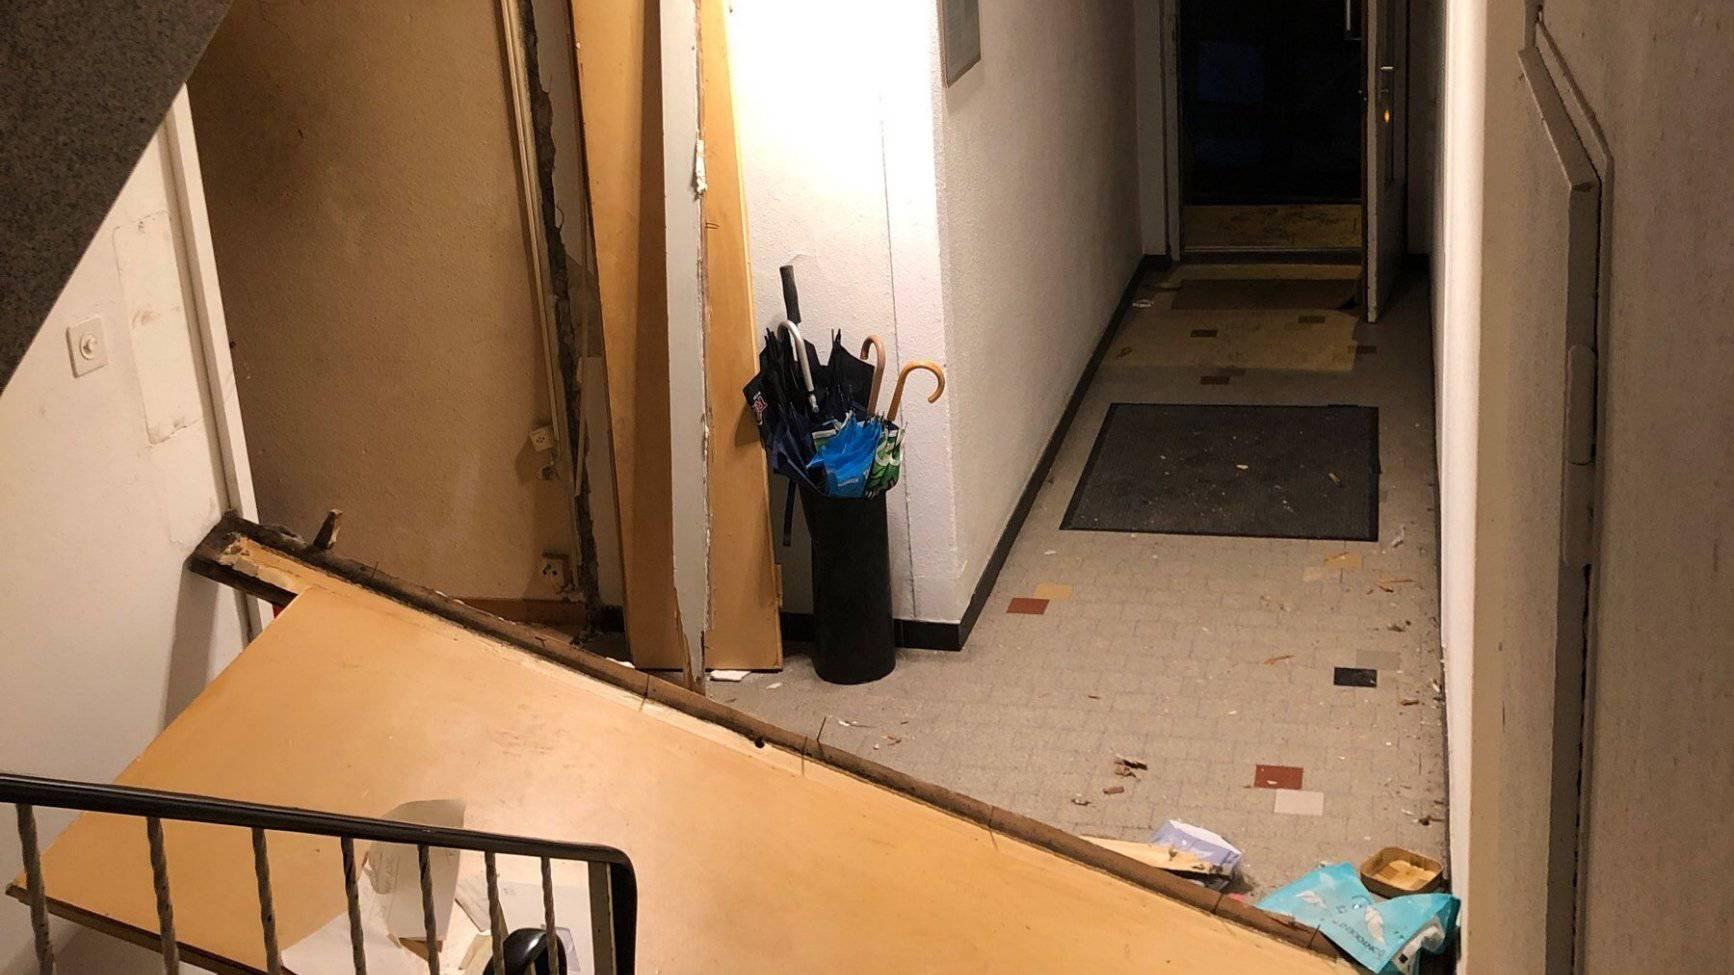 Durch die Explosion wurde die Wohnungstüre ins Treppenhaus geschleudert.